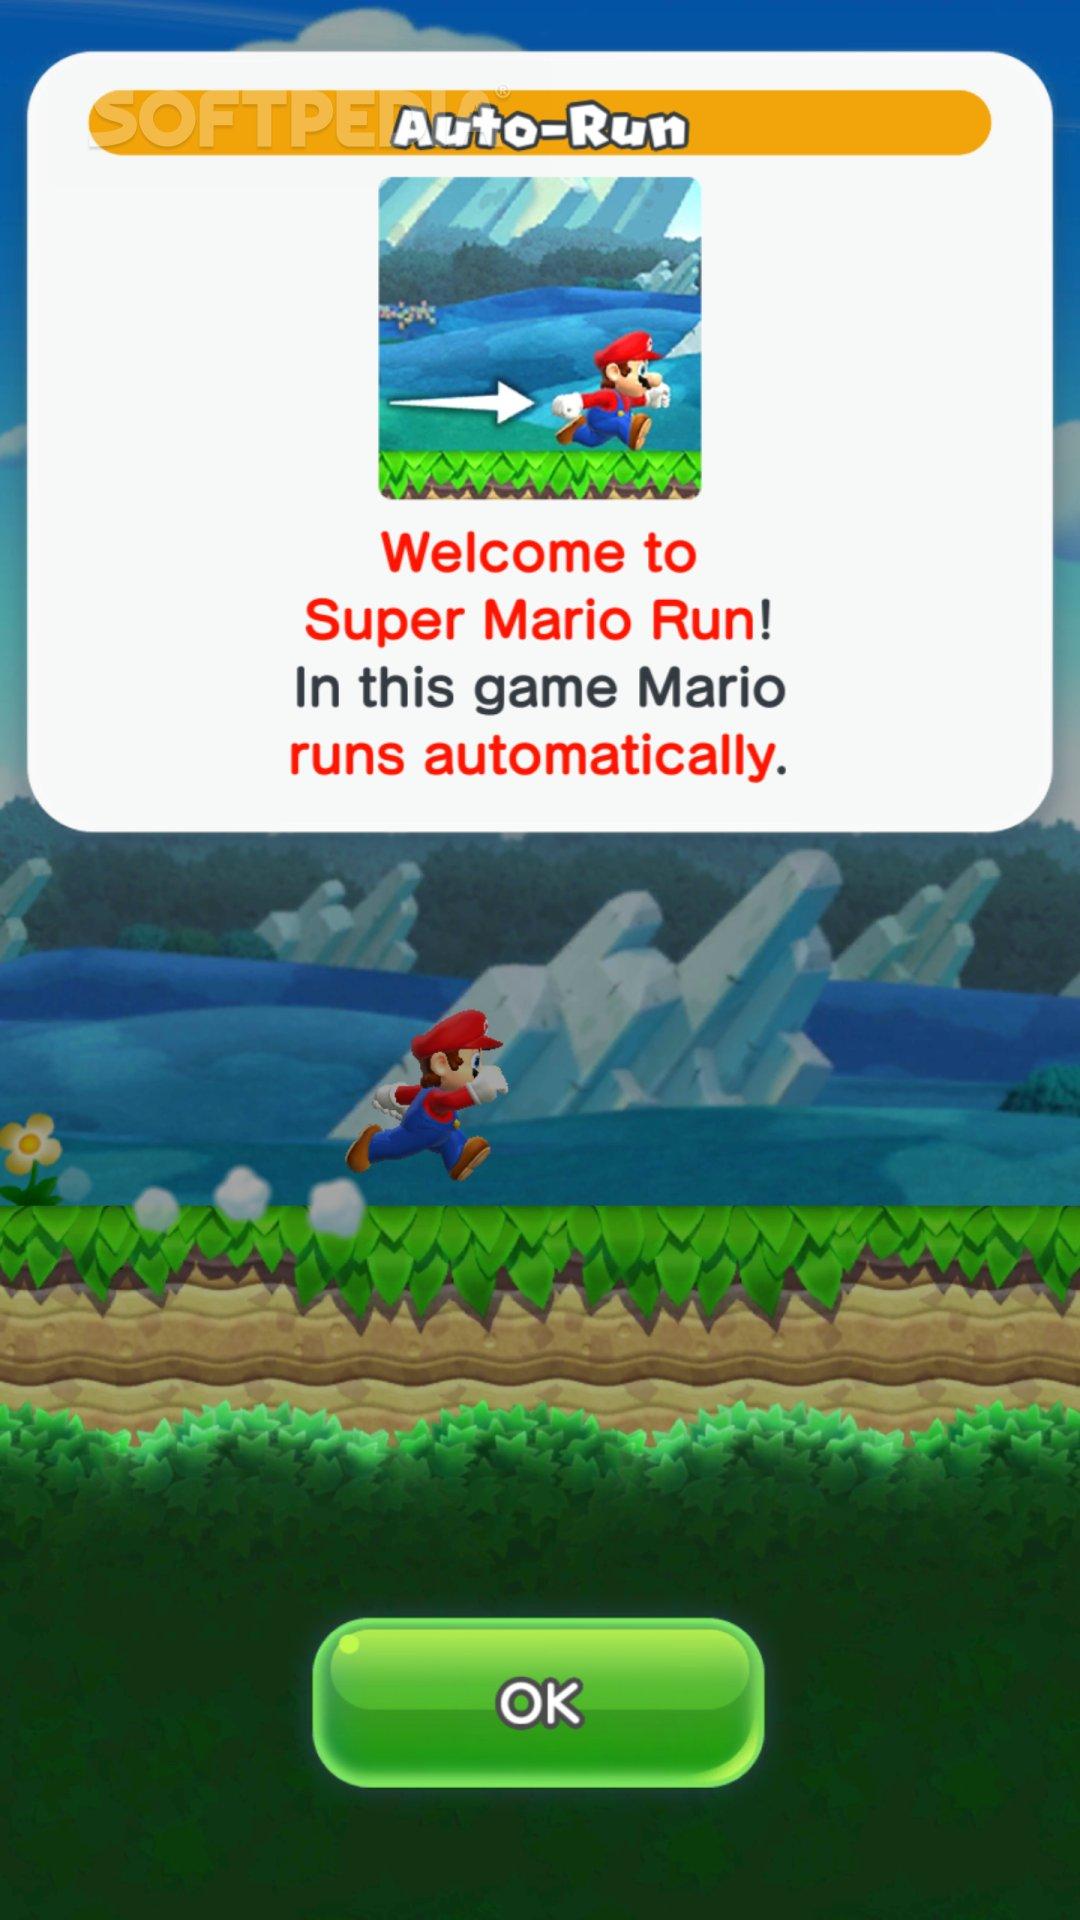 super mario run apk download full version